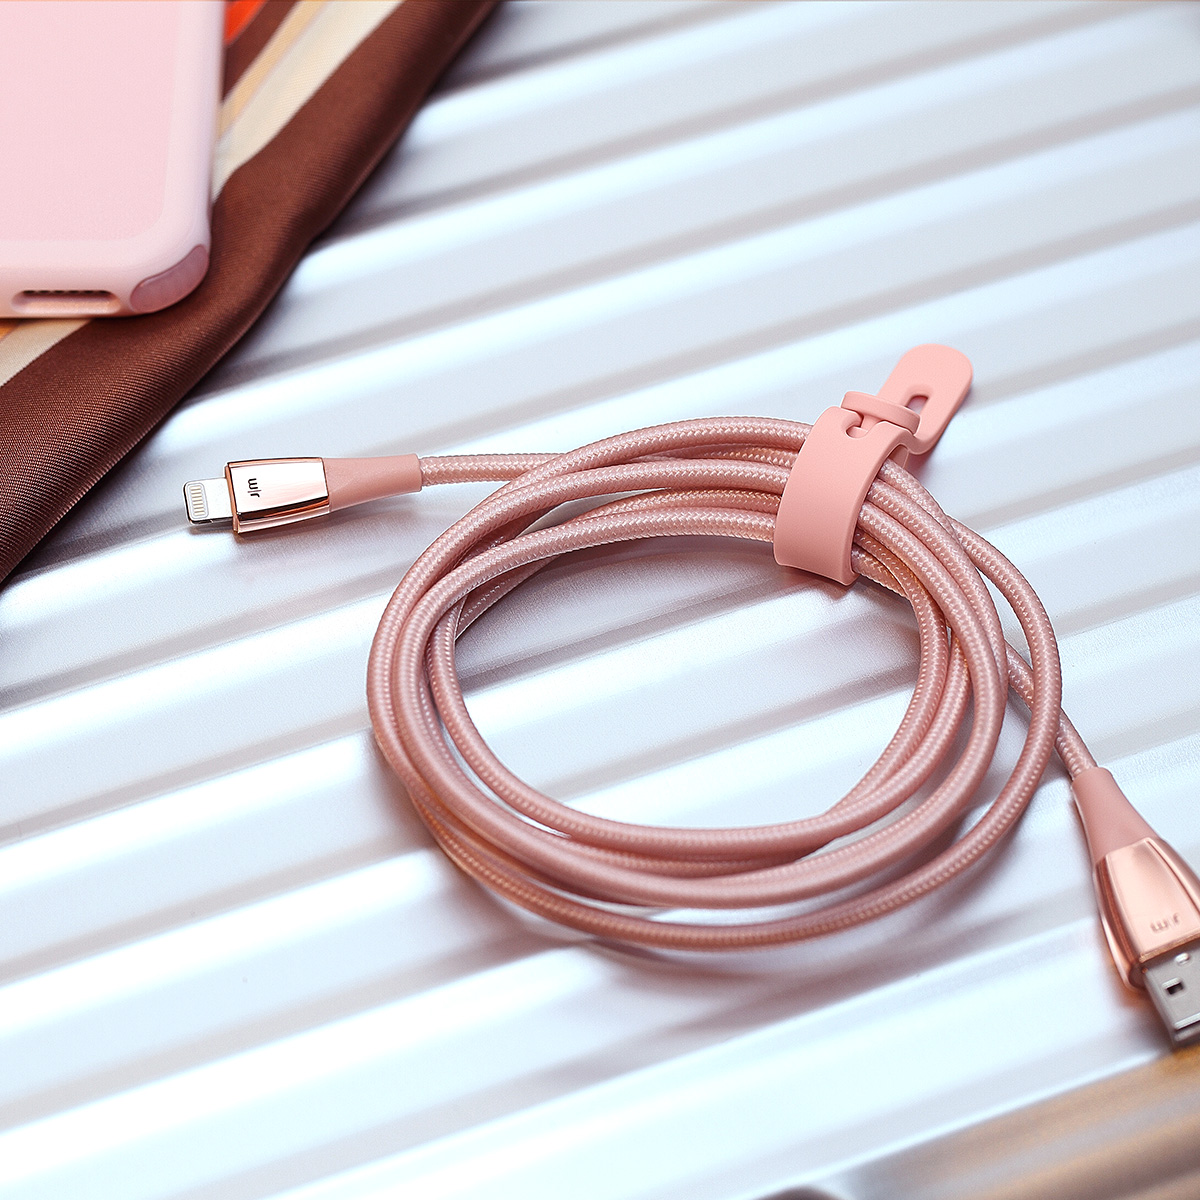 MFi認証 ライトニングケーブル Just Mobile Zin Cable(ジャストモバイル ジンケーブル)Made for iPod / iPhone / iPad 充電 データ転送 Lightning デュポンケブラーファイバー使用